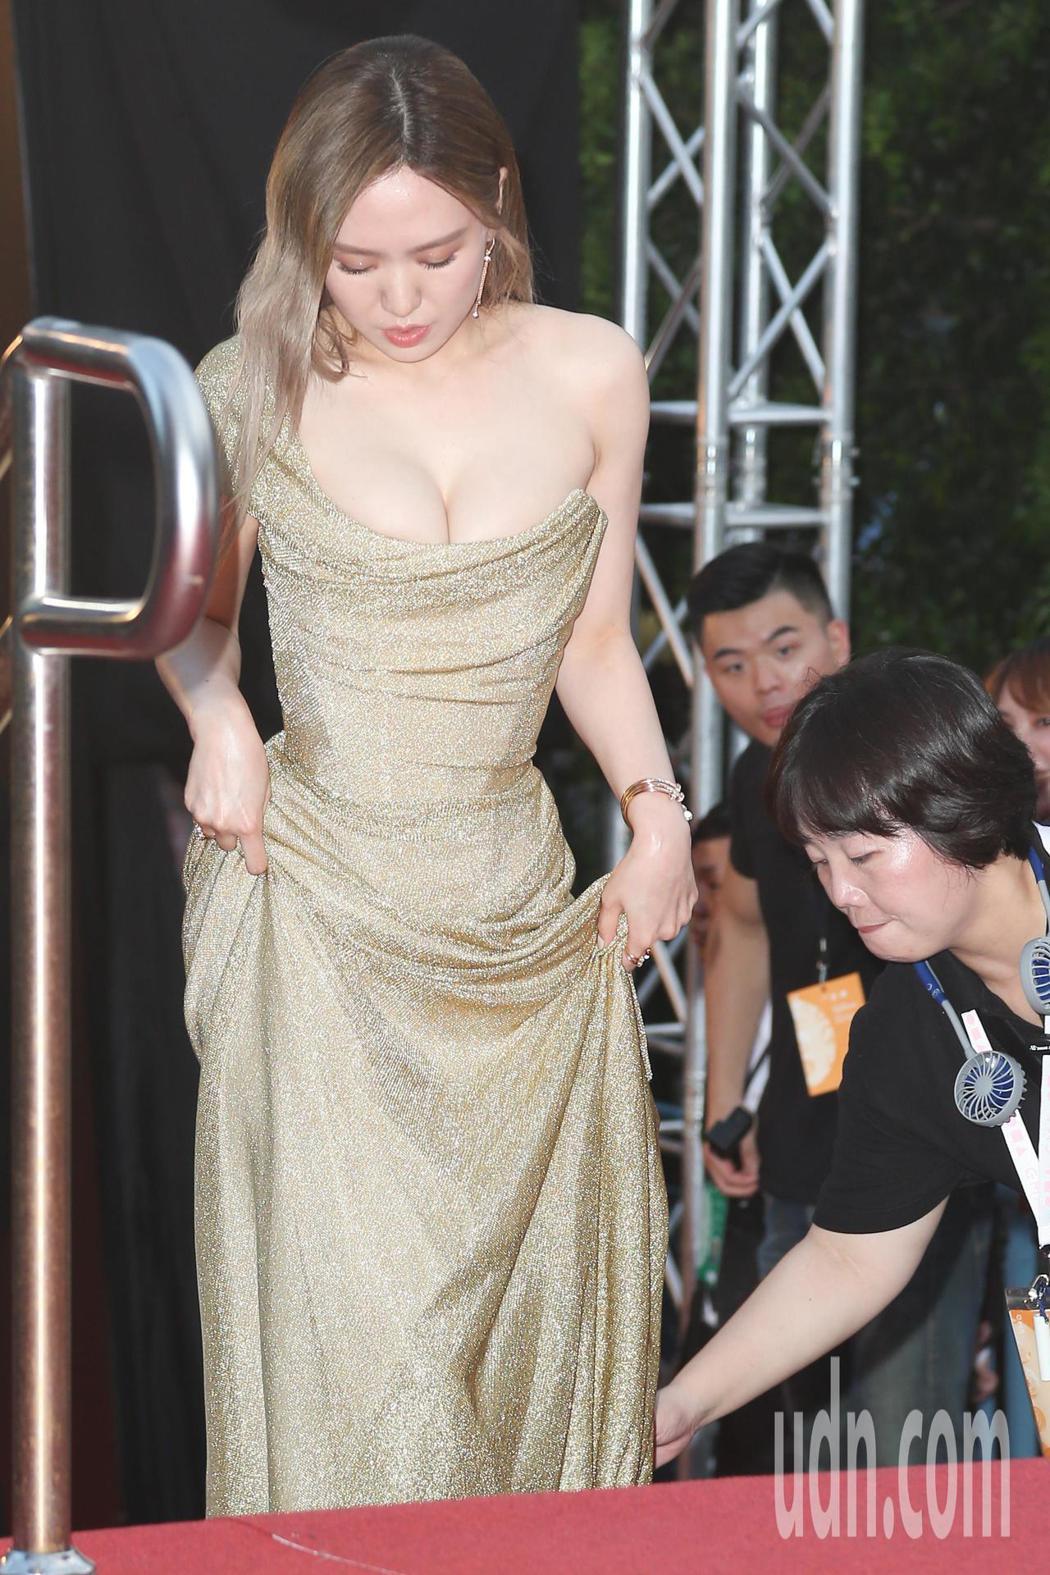 第30屆金曲獎,入圍四項大獎的孫盛希穿著爆乳裝走星光大道。記者陳立凱/攝影